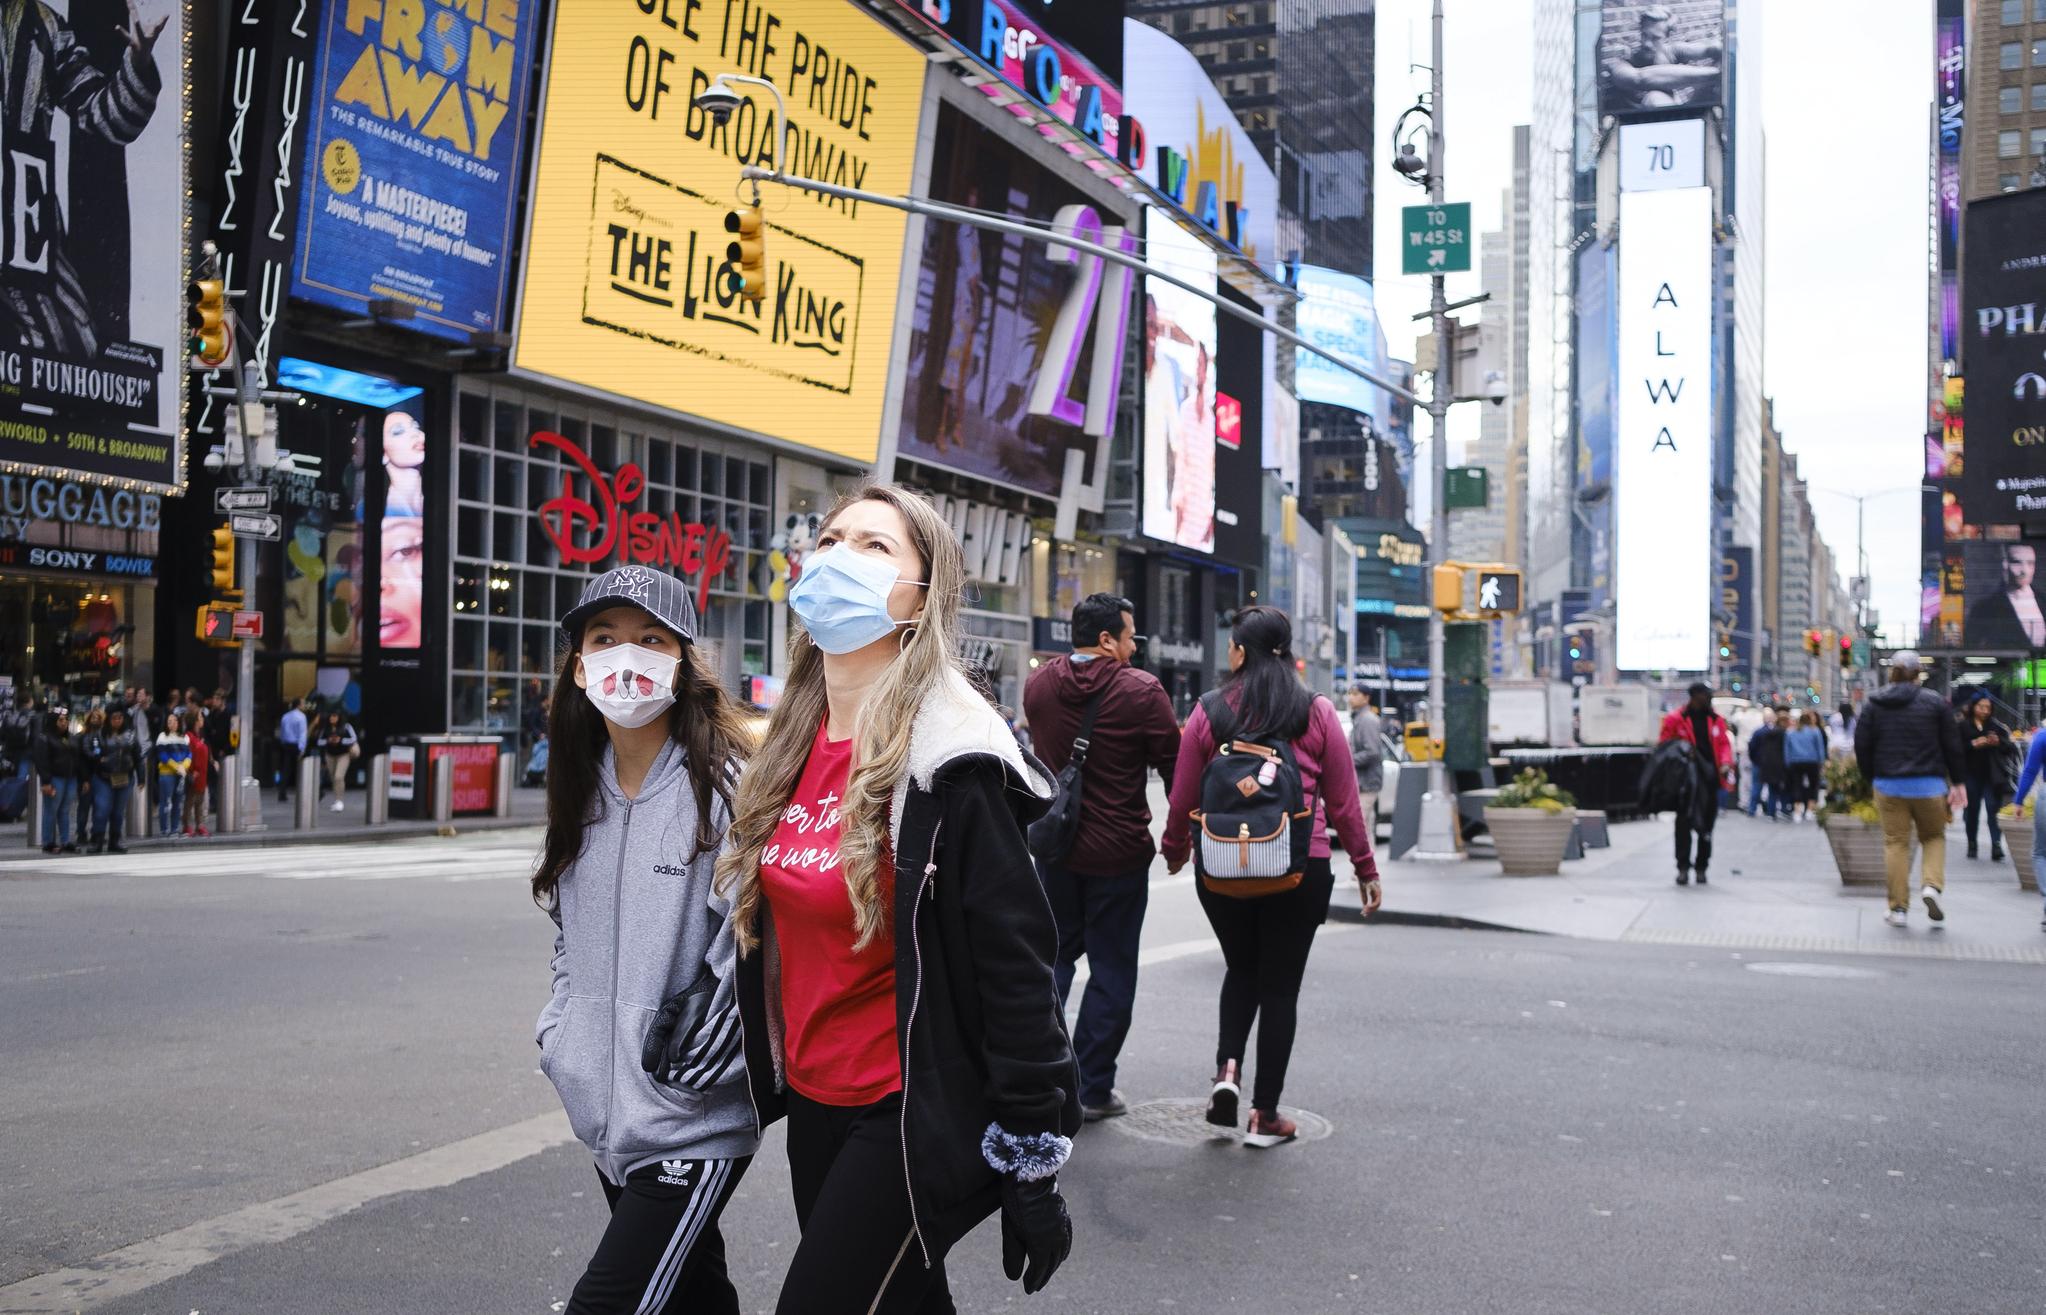 신종 코로나 확산으로 일부 지역 봉쇄령까지 내려진 미국 뉴욕에서 시민들이 마스크를 쓴 채 걷고 있다. EPA=연합뉴스